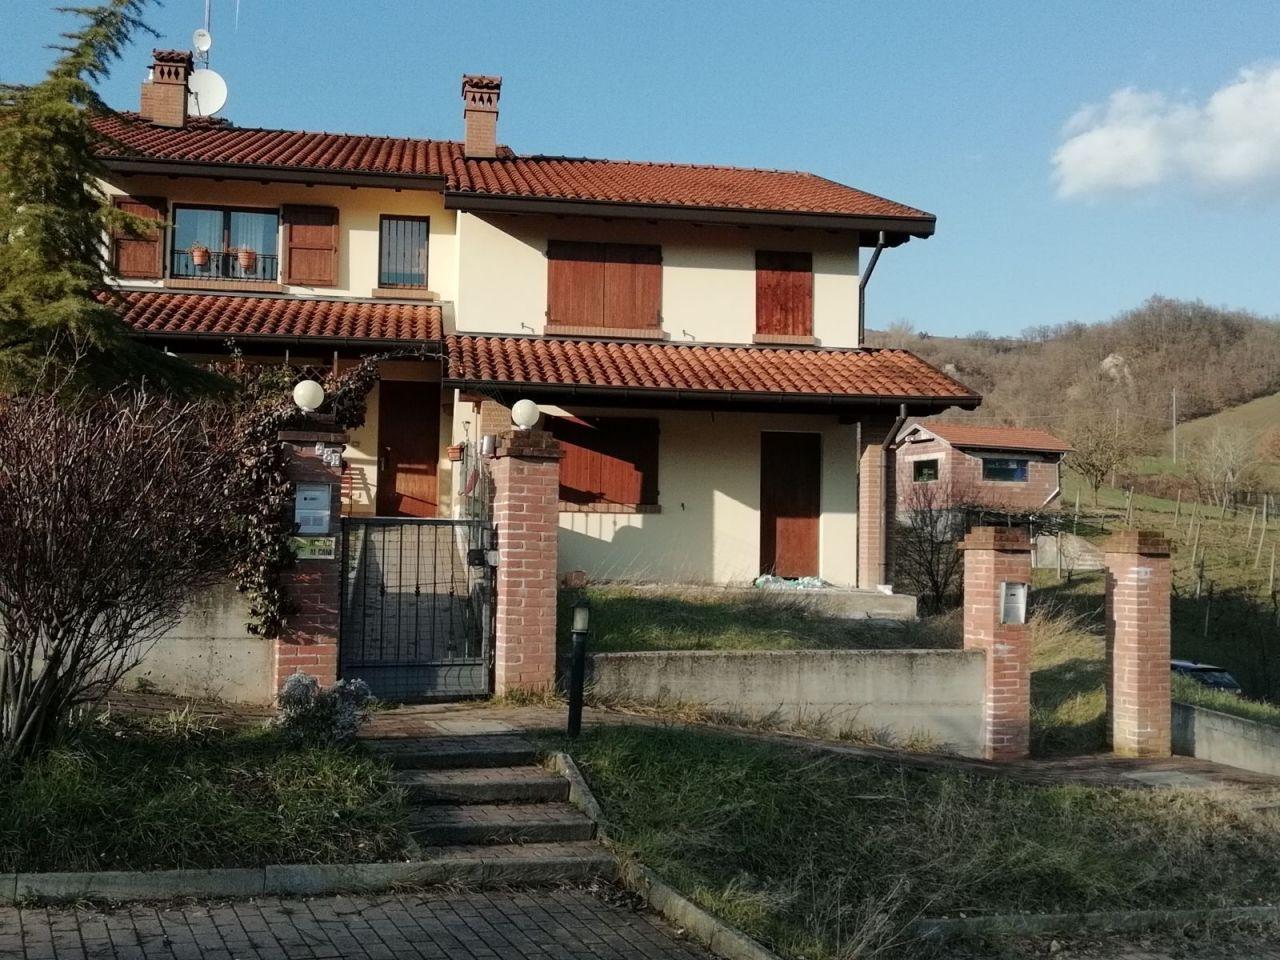 Villetta a schiera in vendita Rif. 5436856